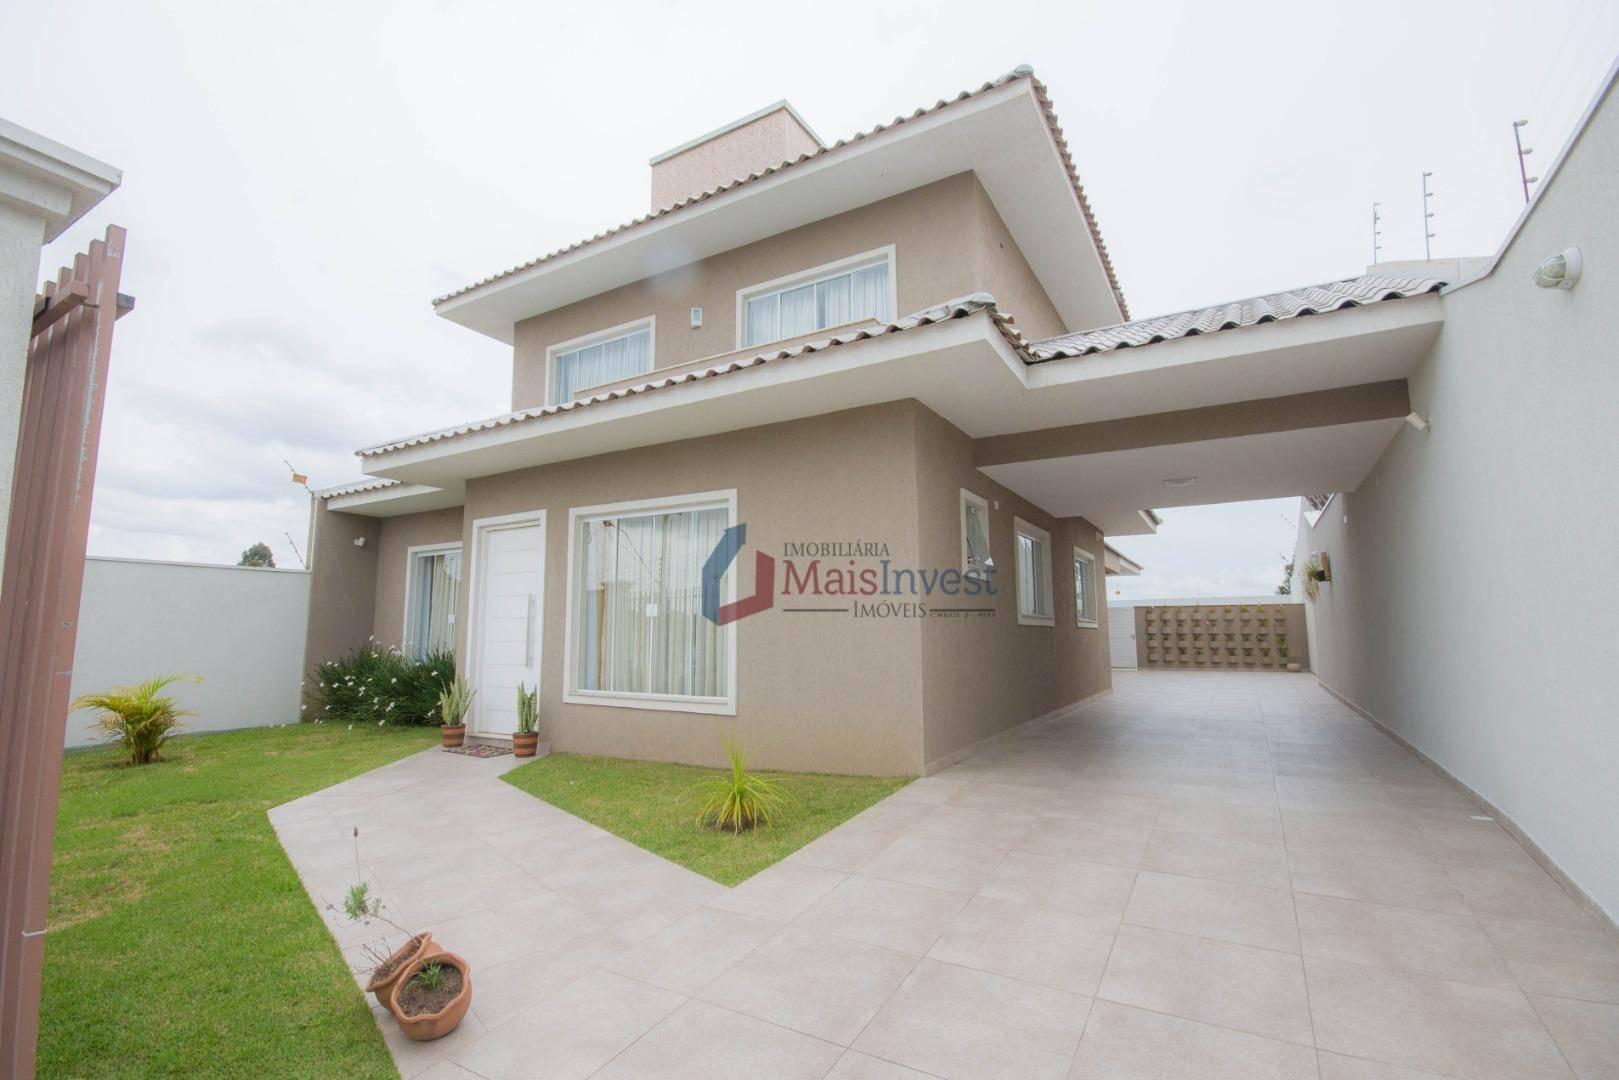 Casa com 4 dormitórios à venda, 295 m² por R$ 1.250.000 - Jardim Patricia - Quatro Barras/PR